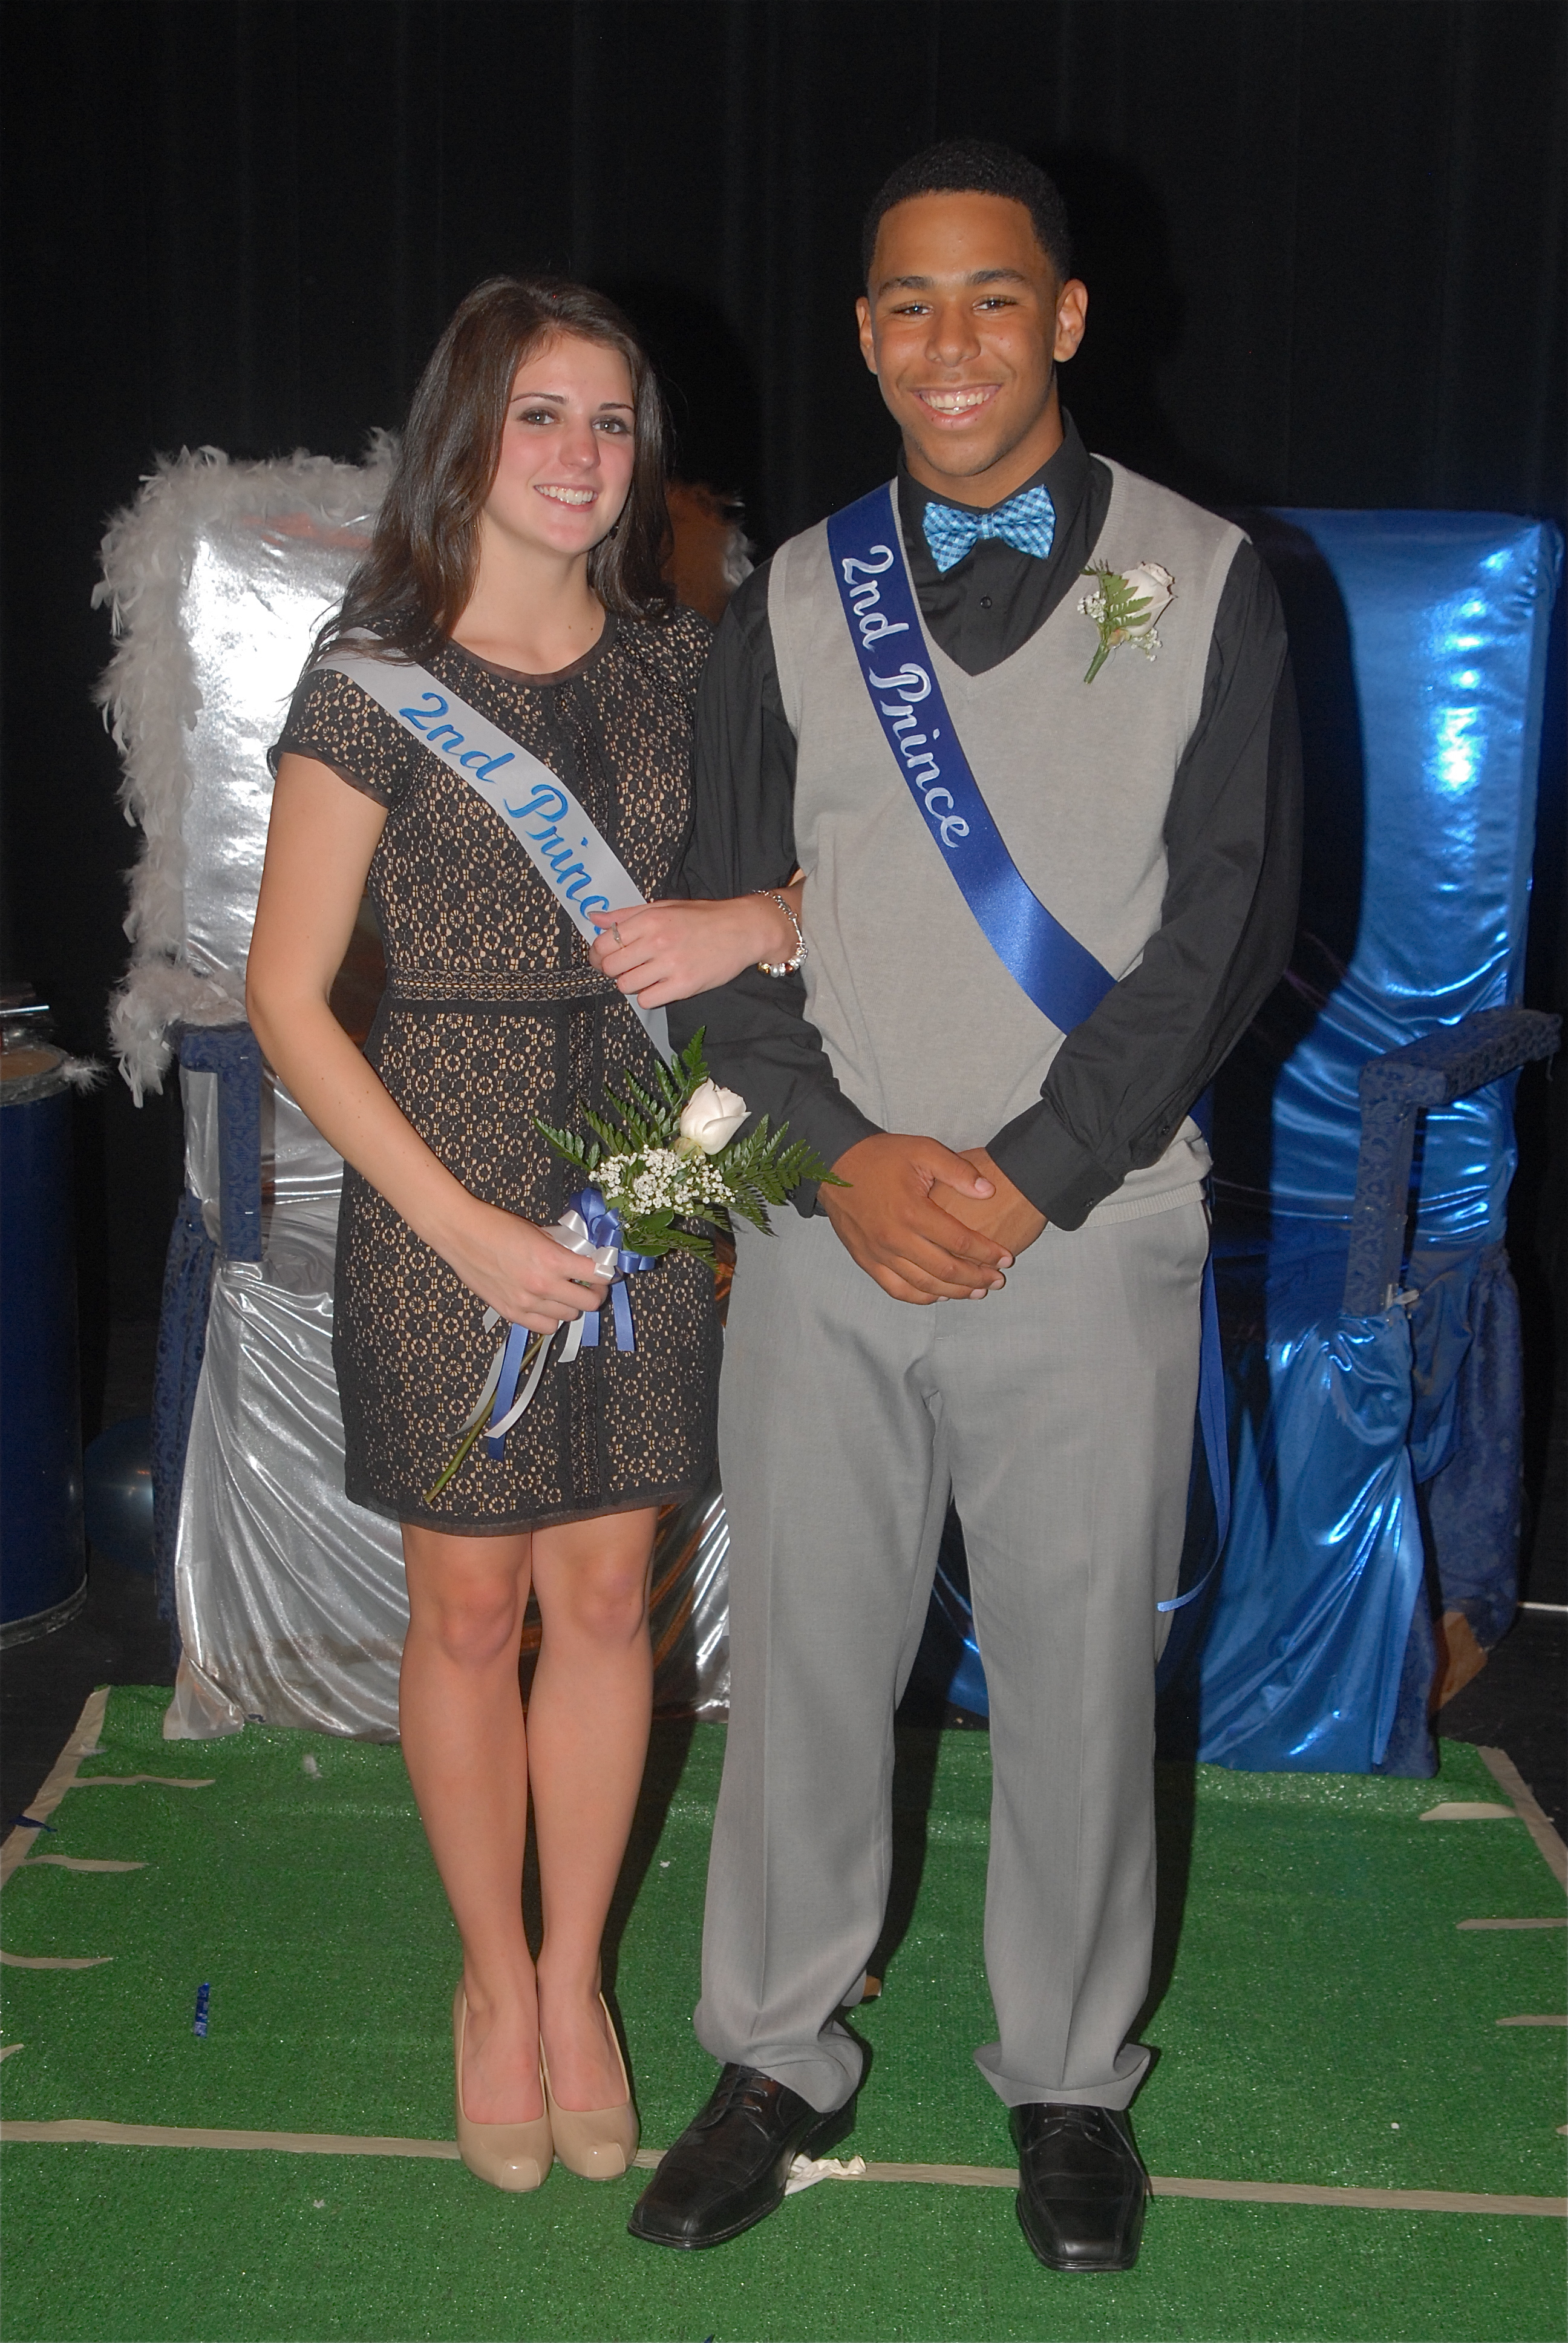 3-Second Princess & Prince